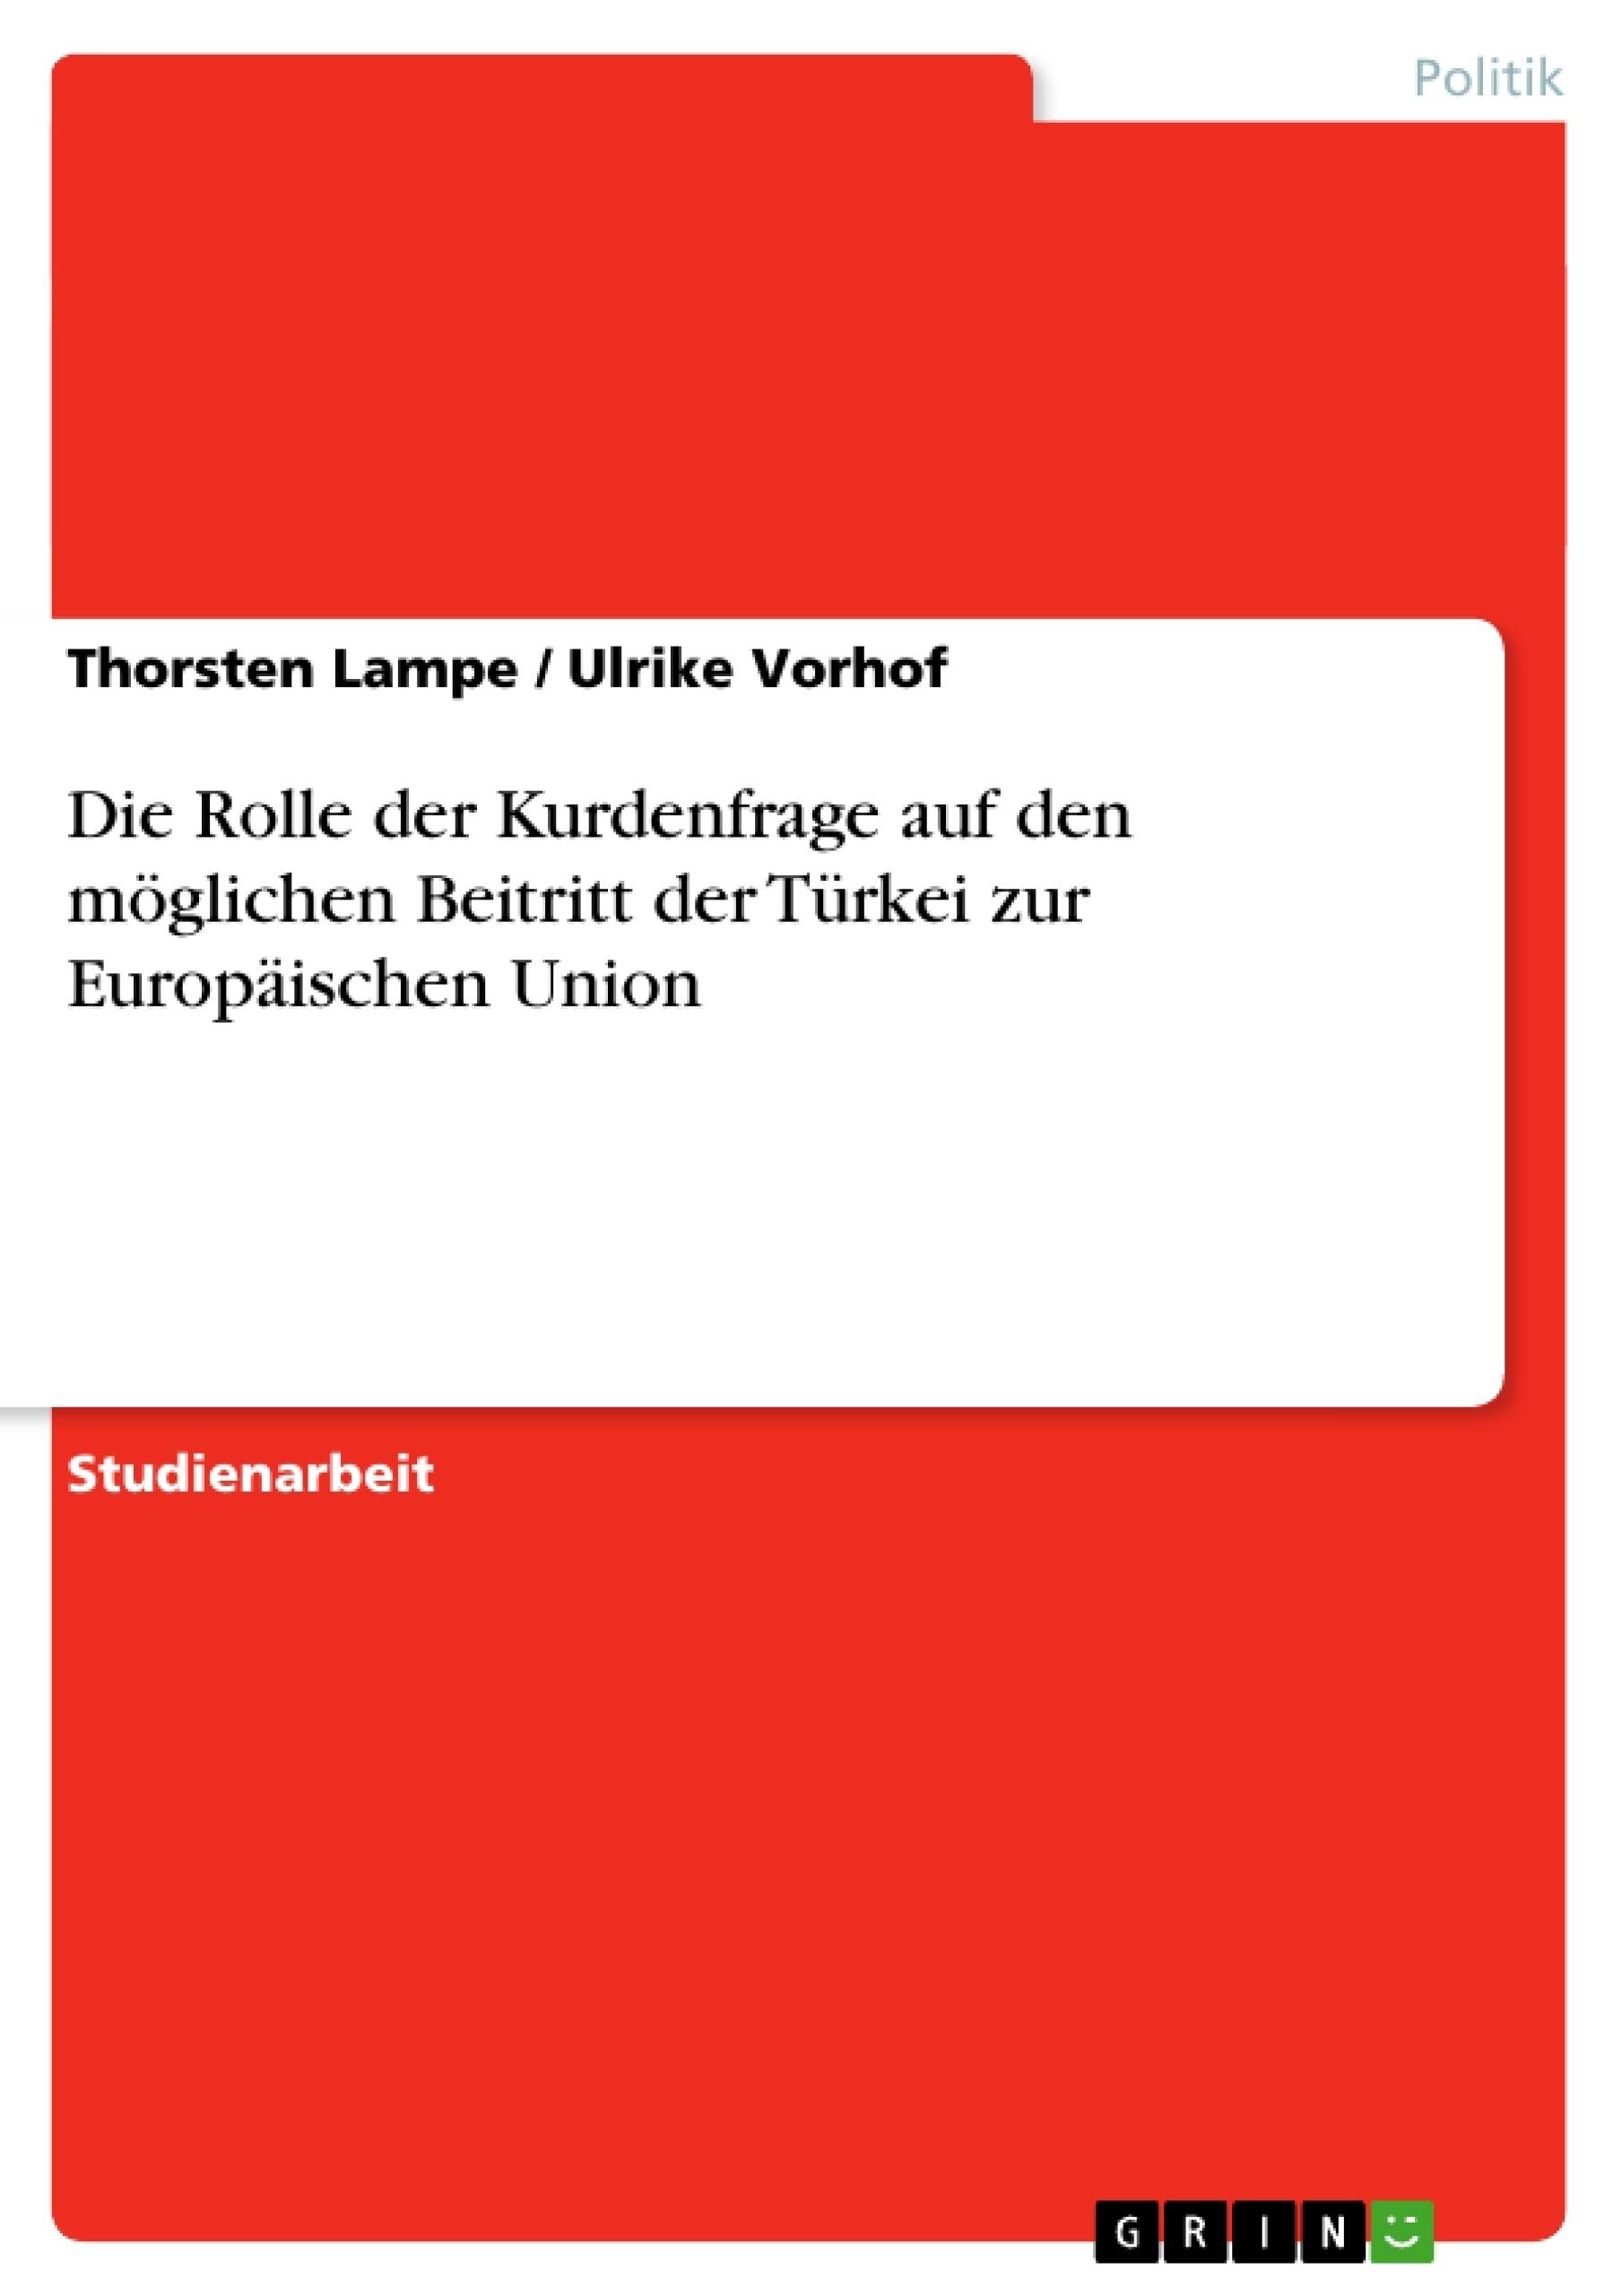 Titel: Die Rolle der Kurdenfrage auf den möglichen Beitritt der Türkei zur Europäischen Union